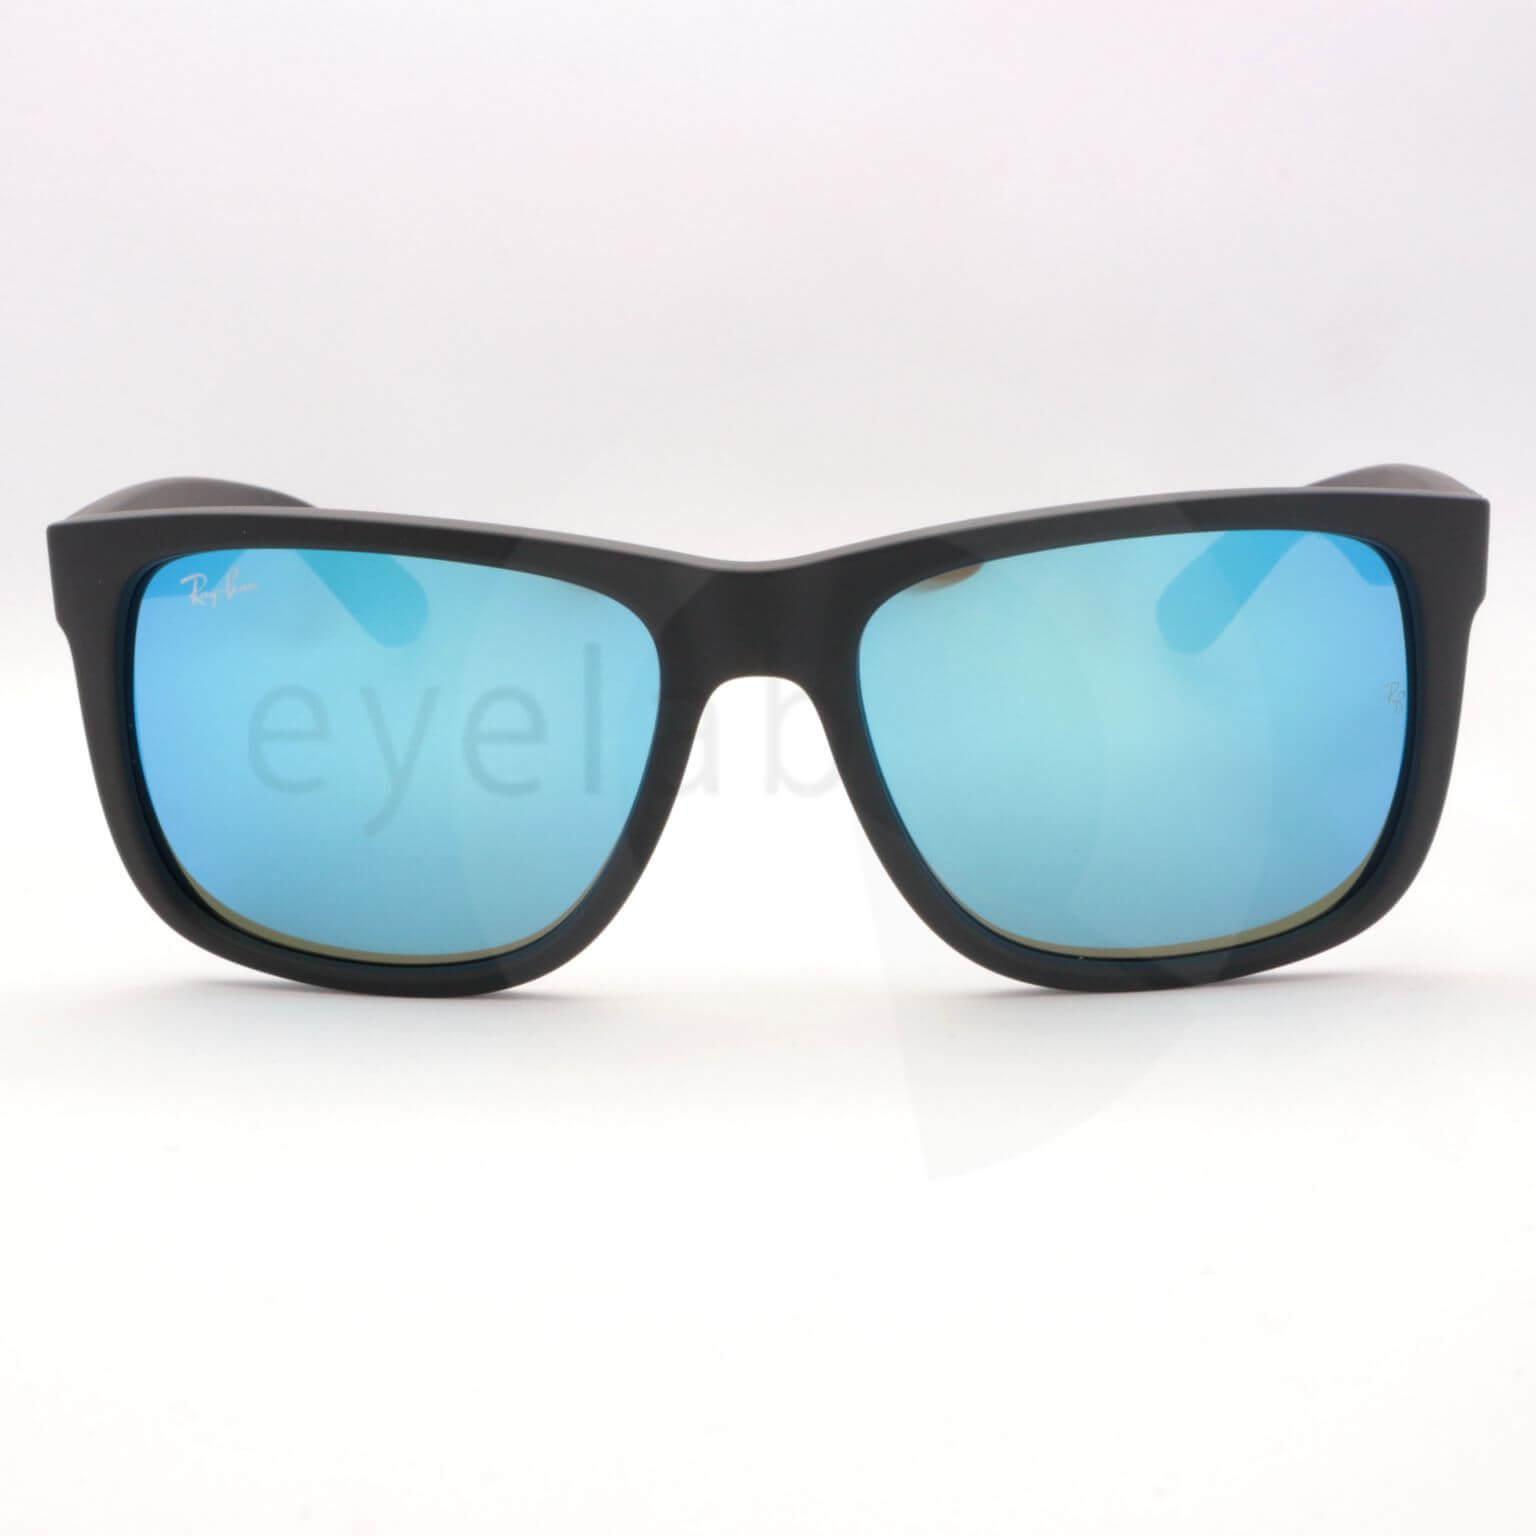 c40f05b440 Γυαλιά ηλίου Ray-Ban Justin 4165 622 55 55 ~ Eyelab